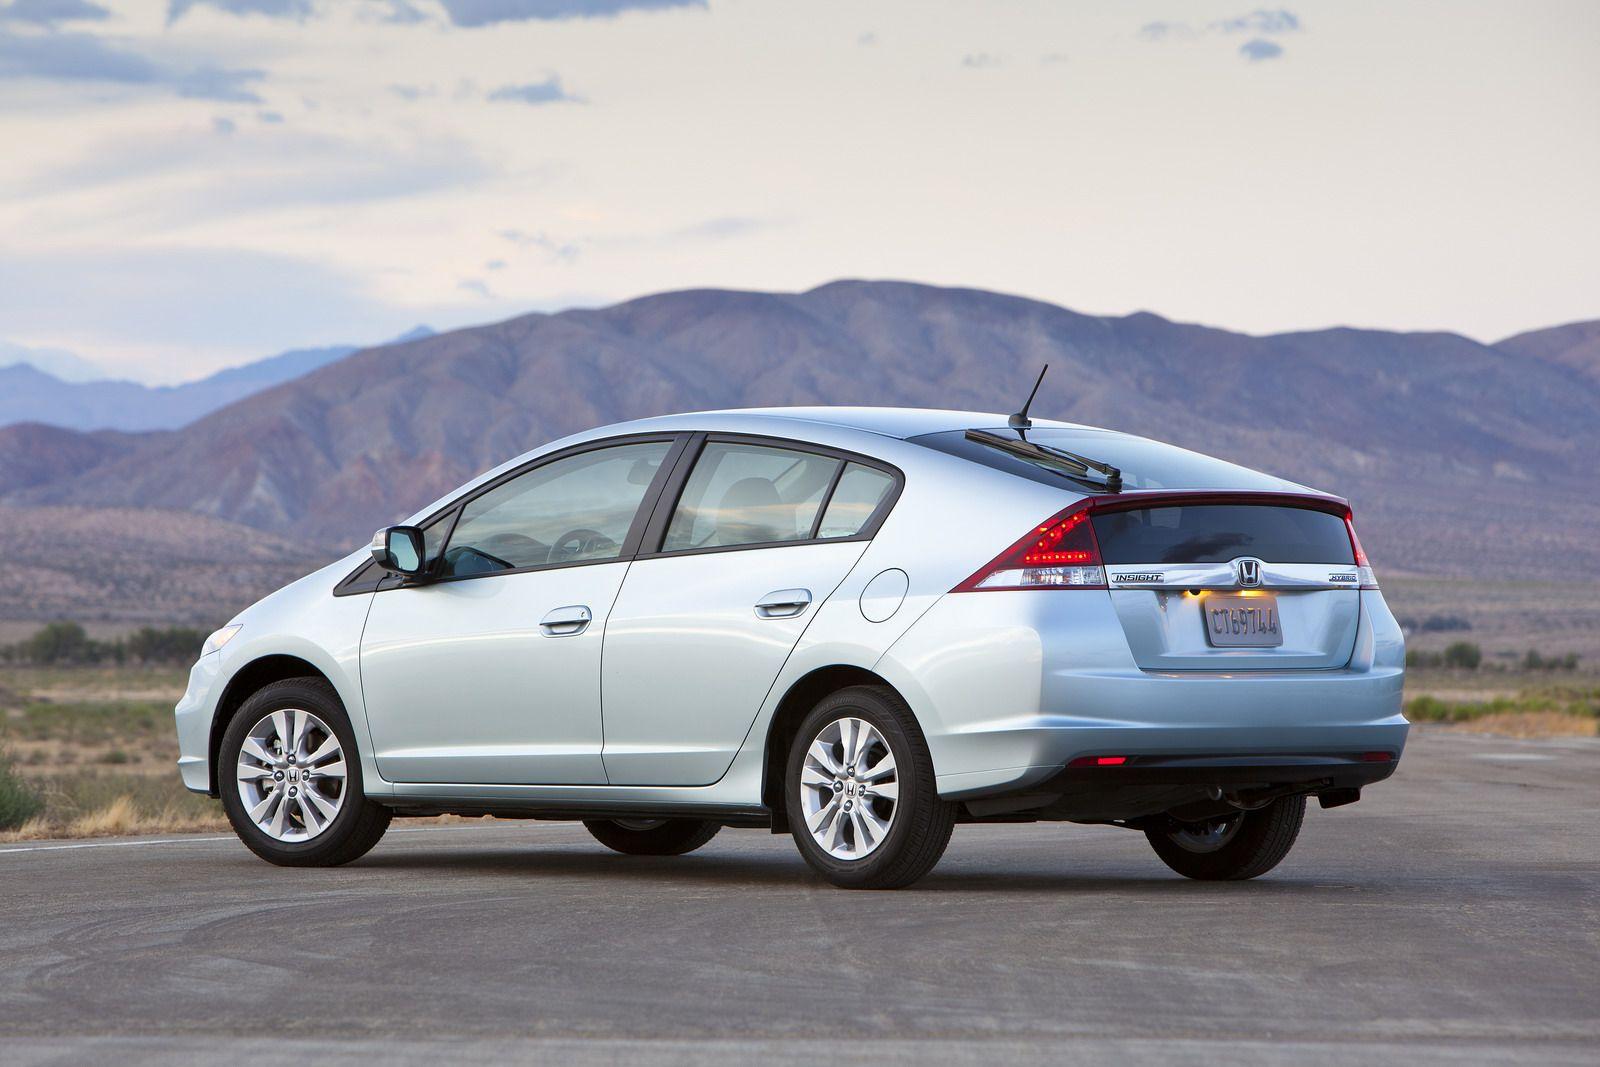 Meet The 2012 Honda Insight Hybrid Honda Insight Honda Cars Honda